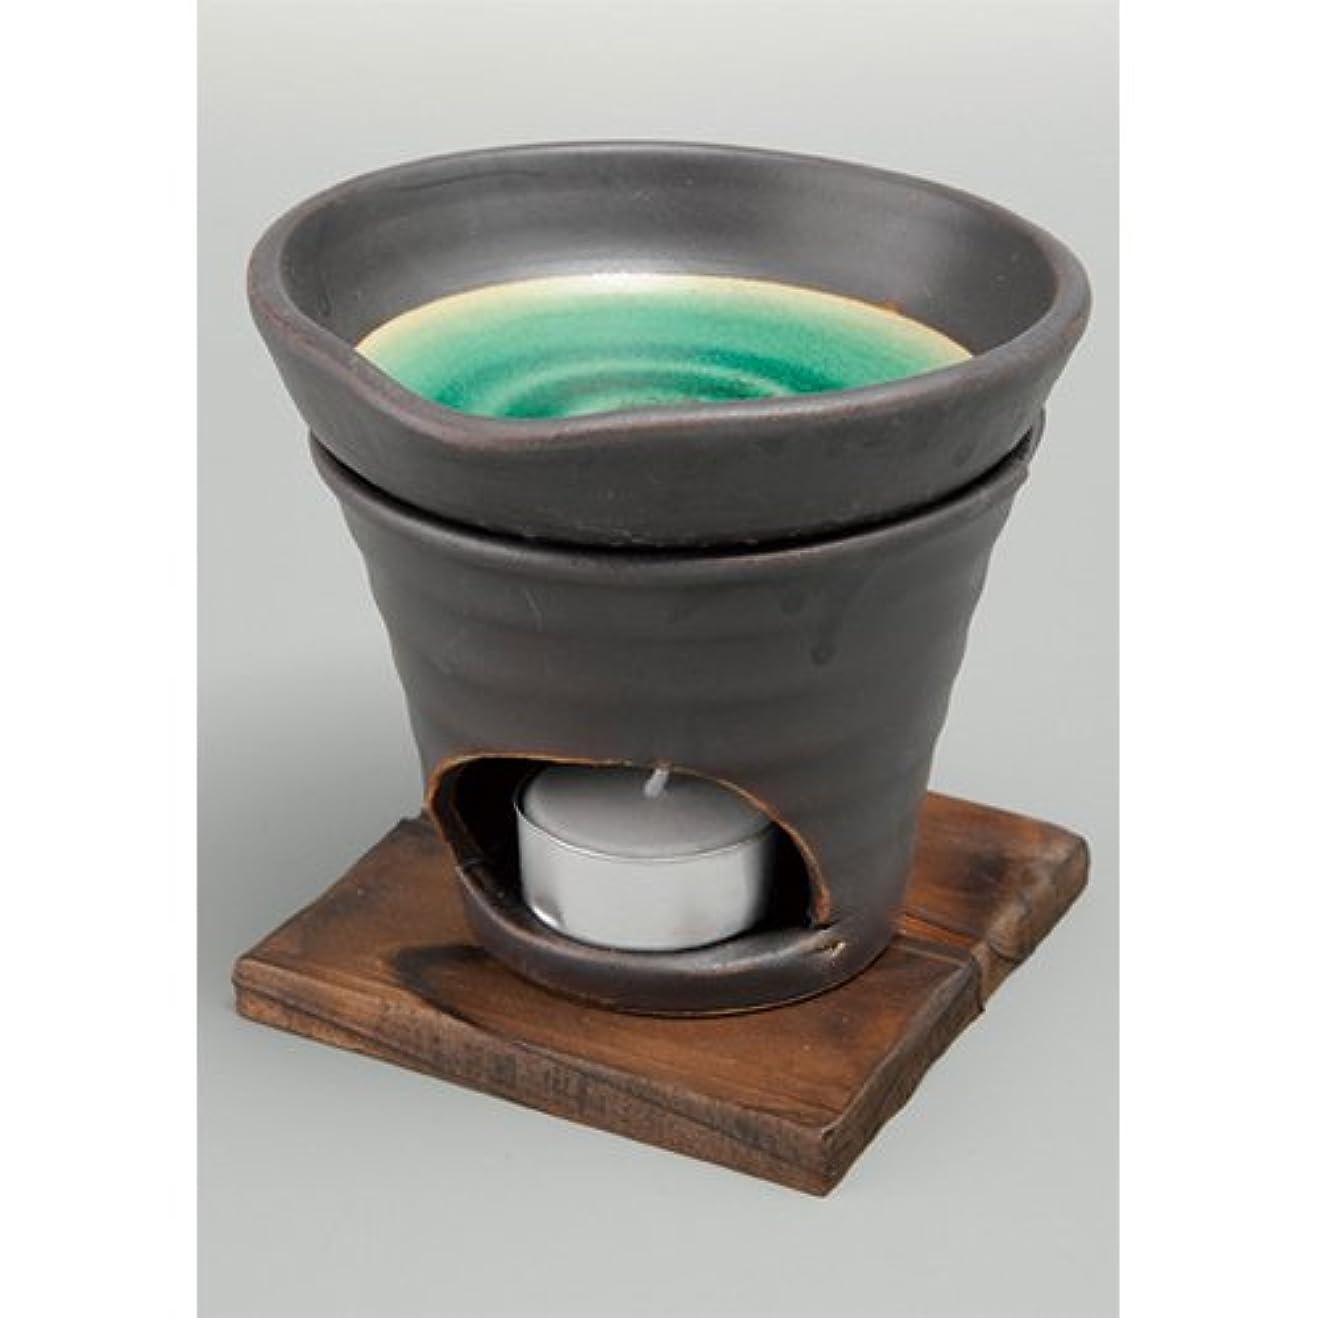 真面目なさておき湾香炉 黒釉 茶香炉(緑) [R11.8xH11.5cm] HANDMADE プレゼント ギフト 和食器 かわいい インテリア